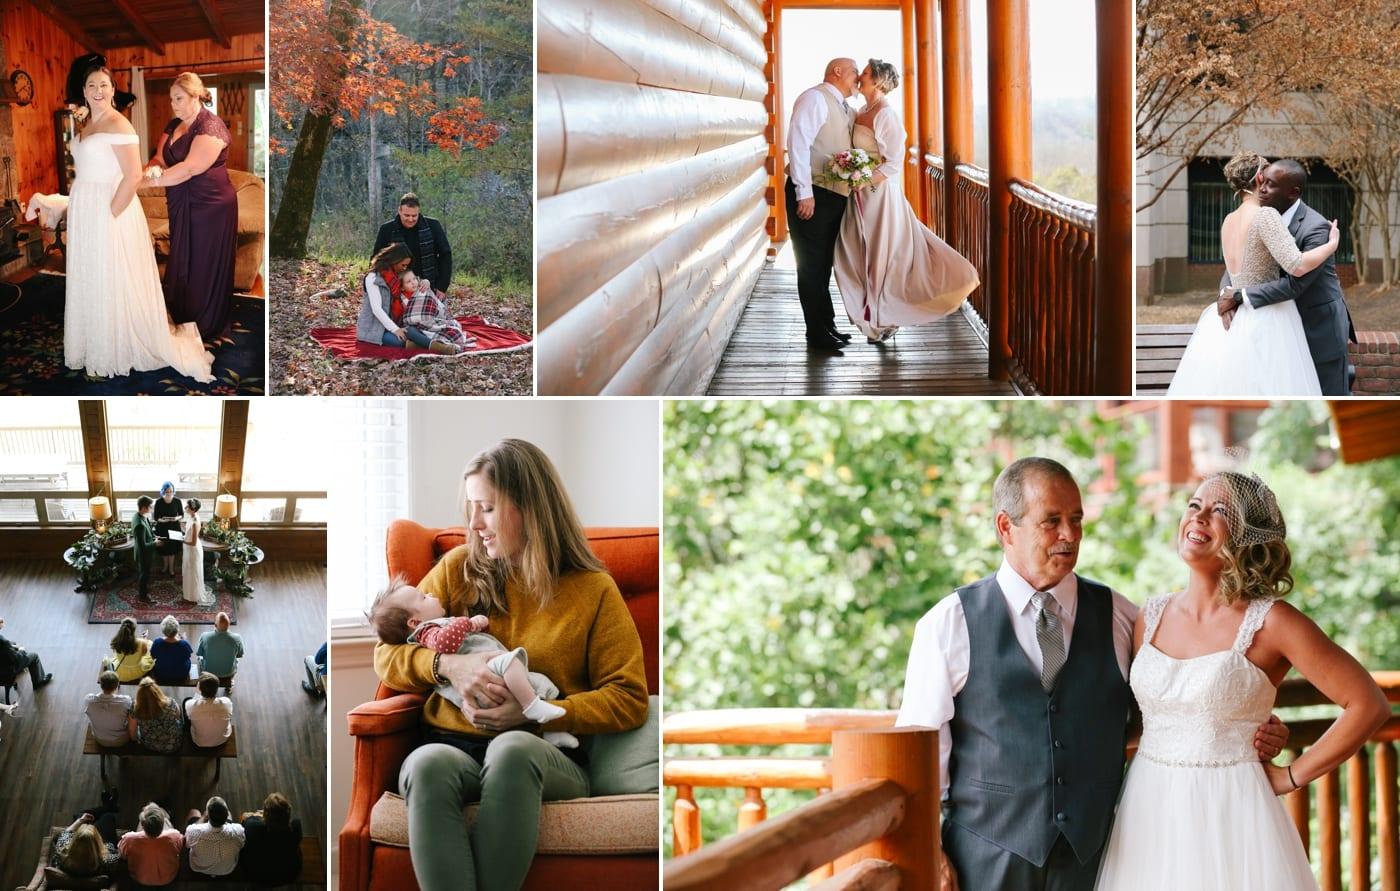 Smoky Mountain cabin wedding